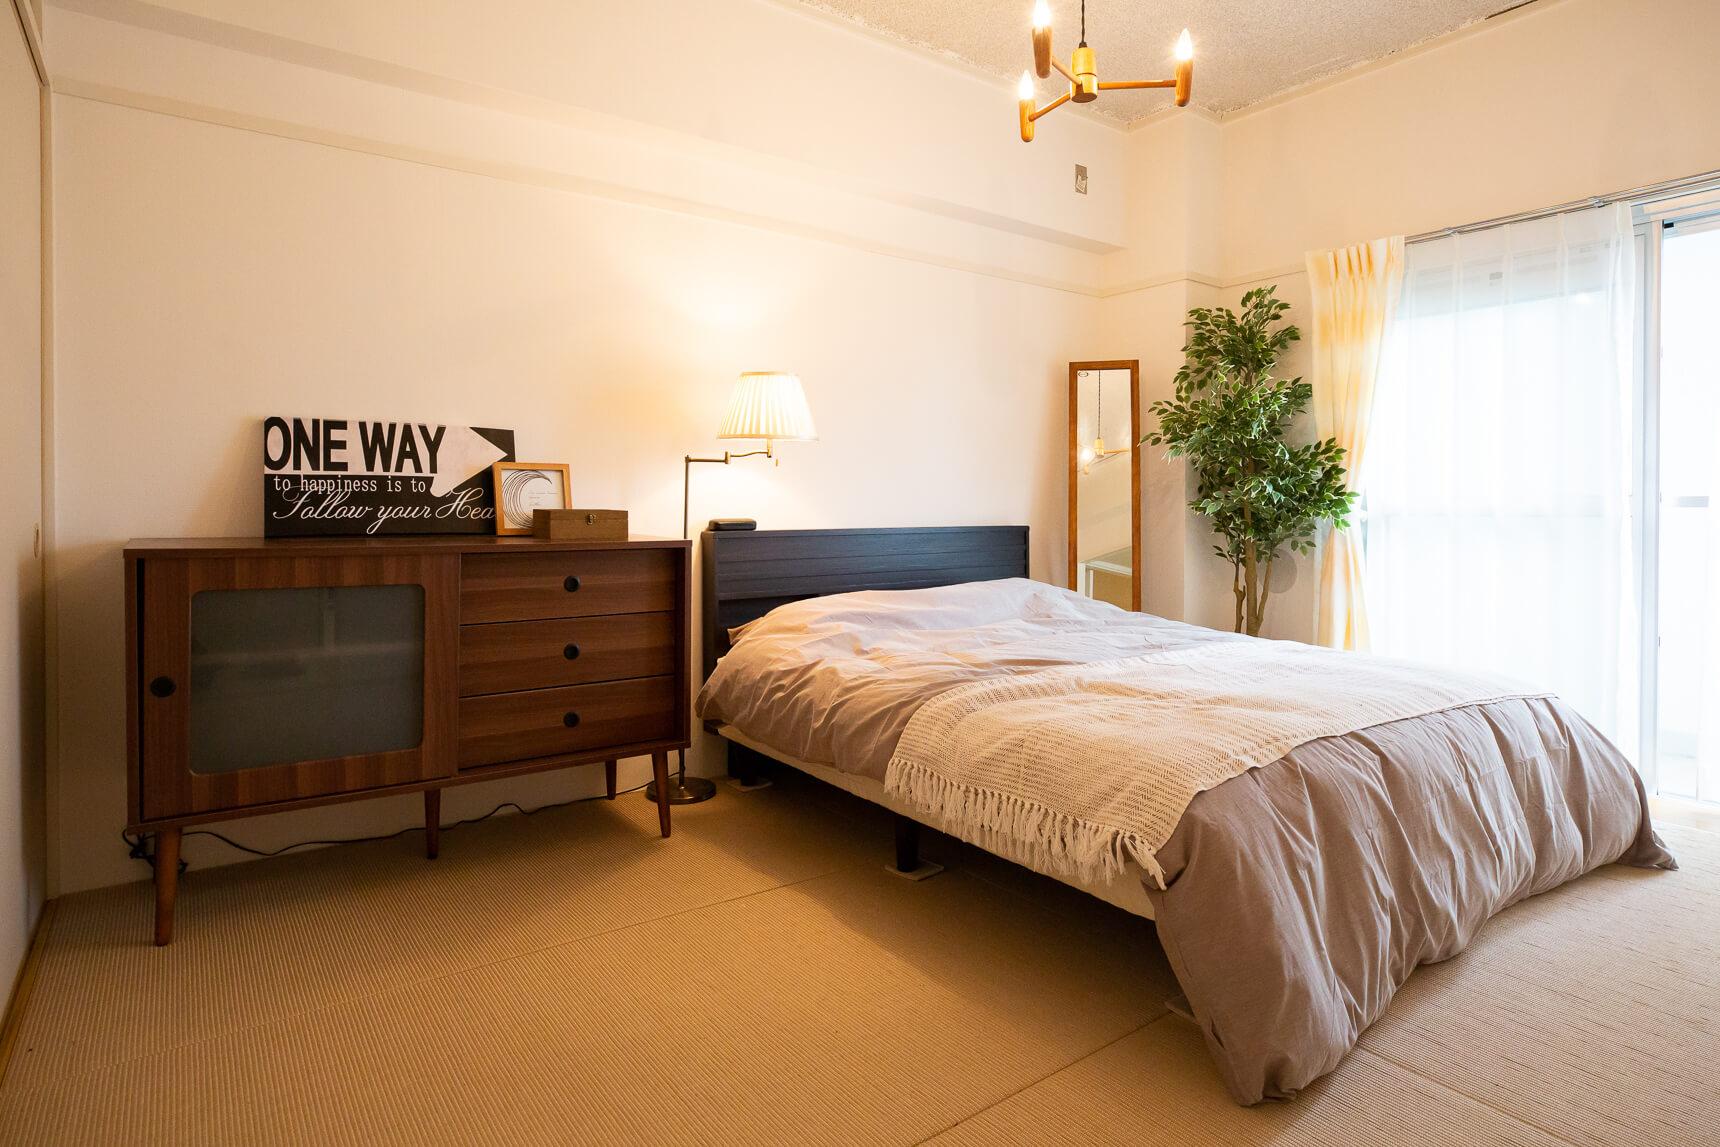 もうひとつの6畳のお部屋は、ゆったりとした寝室に。こちらからもすぐにベランダに出られるのがなかなか良いです